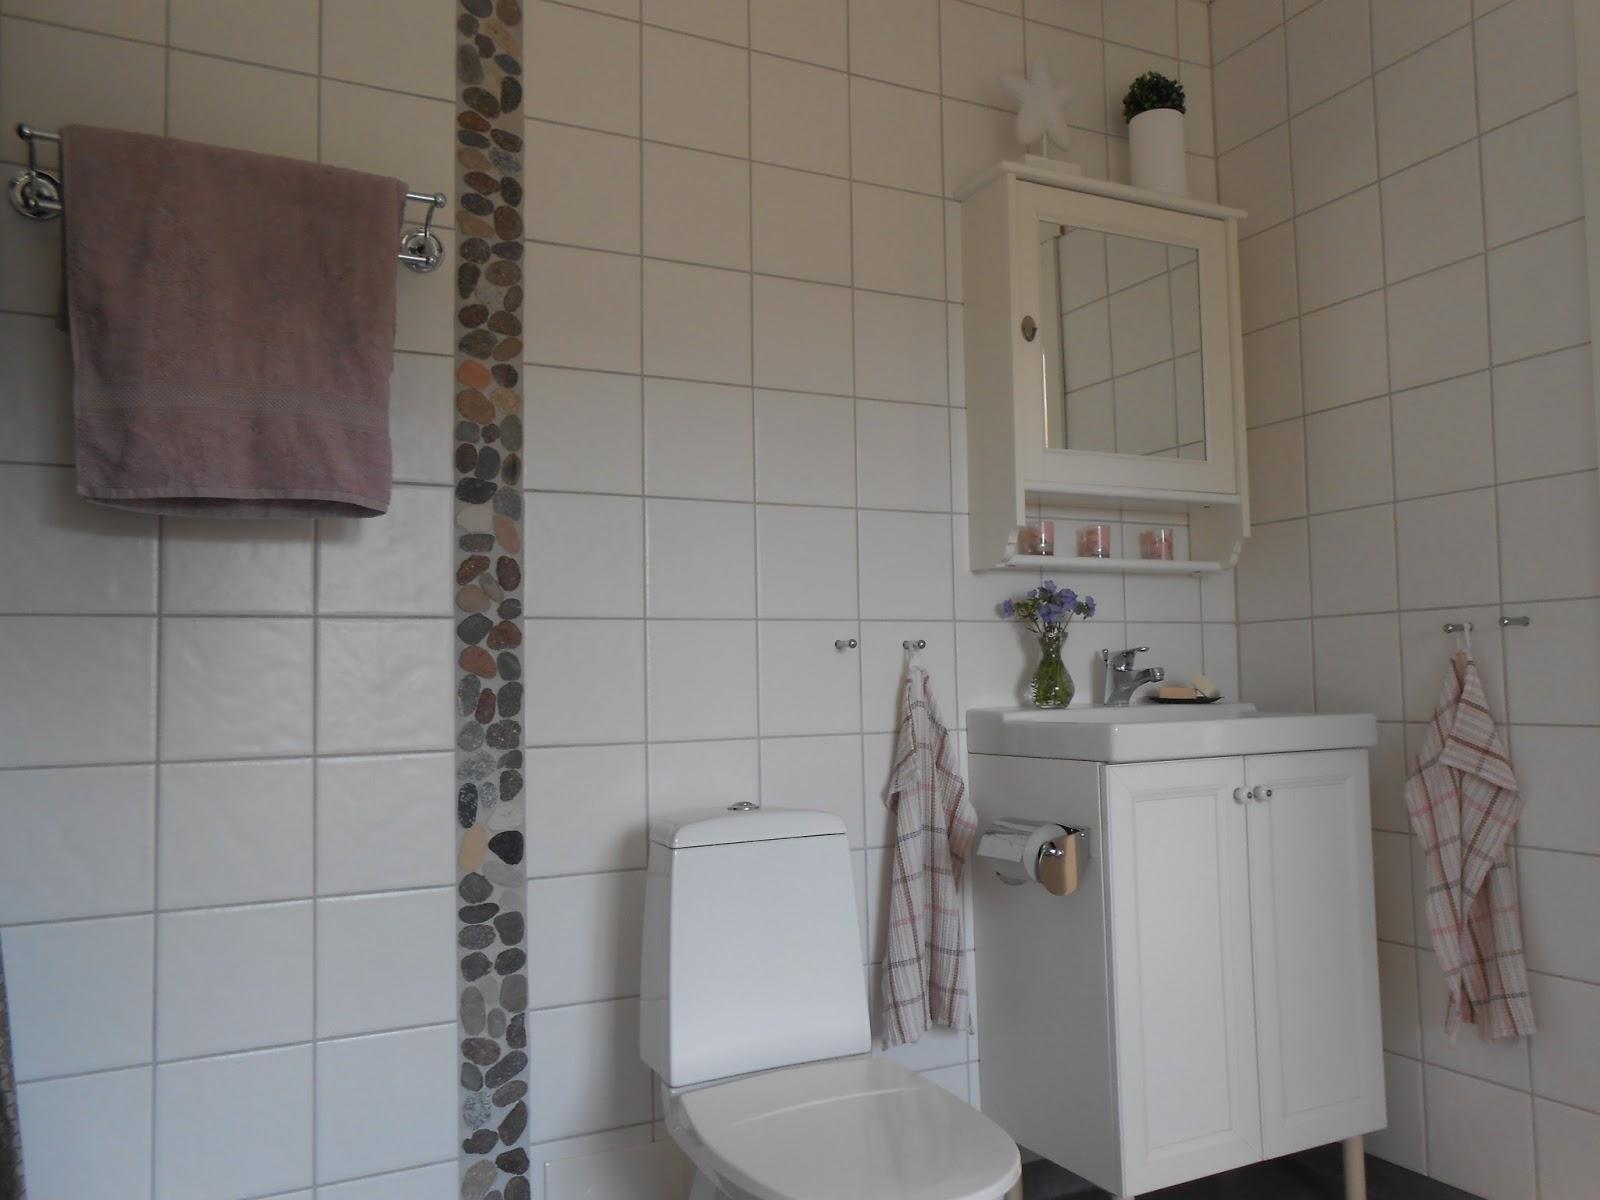 Det nya huset: får det lov att vara ett bad?